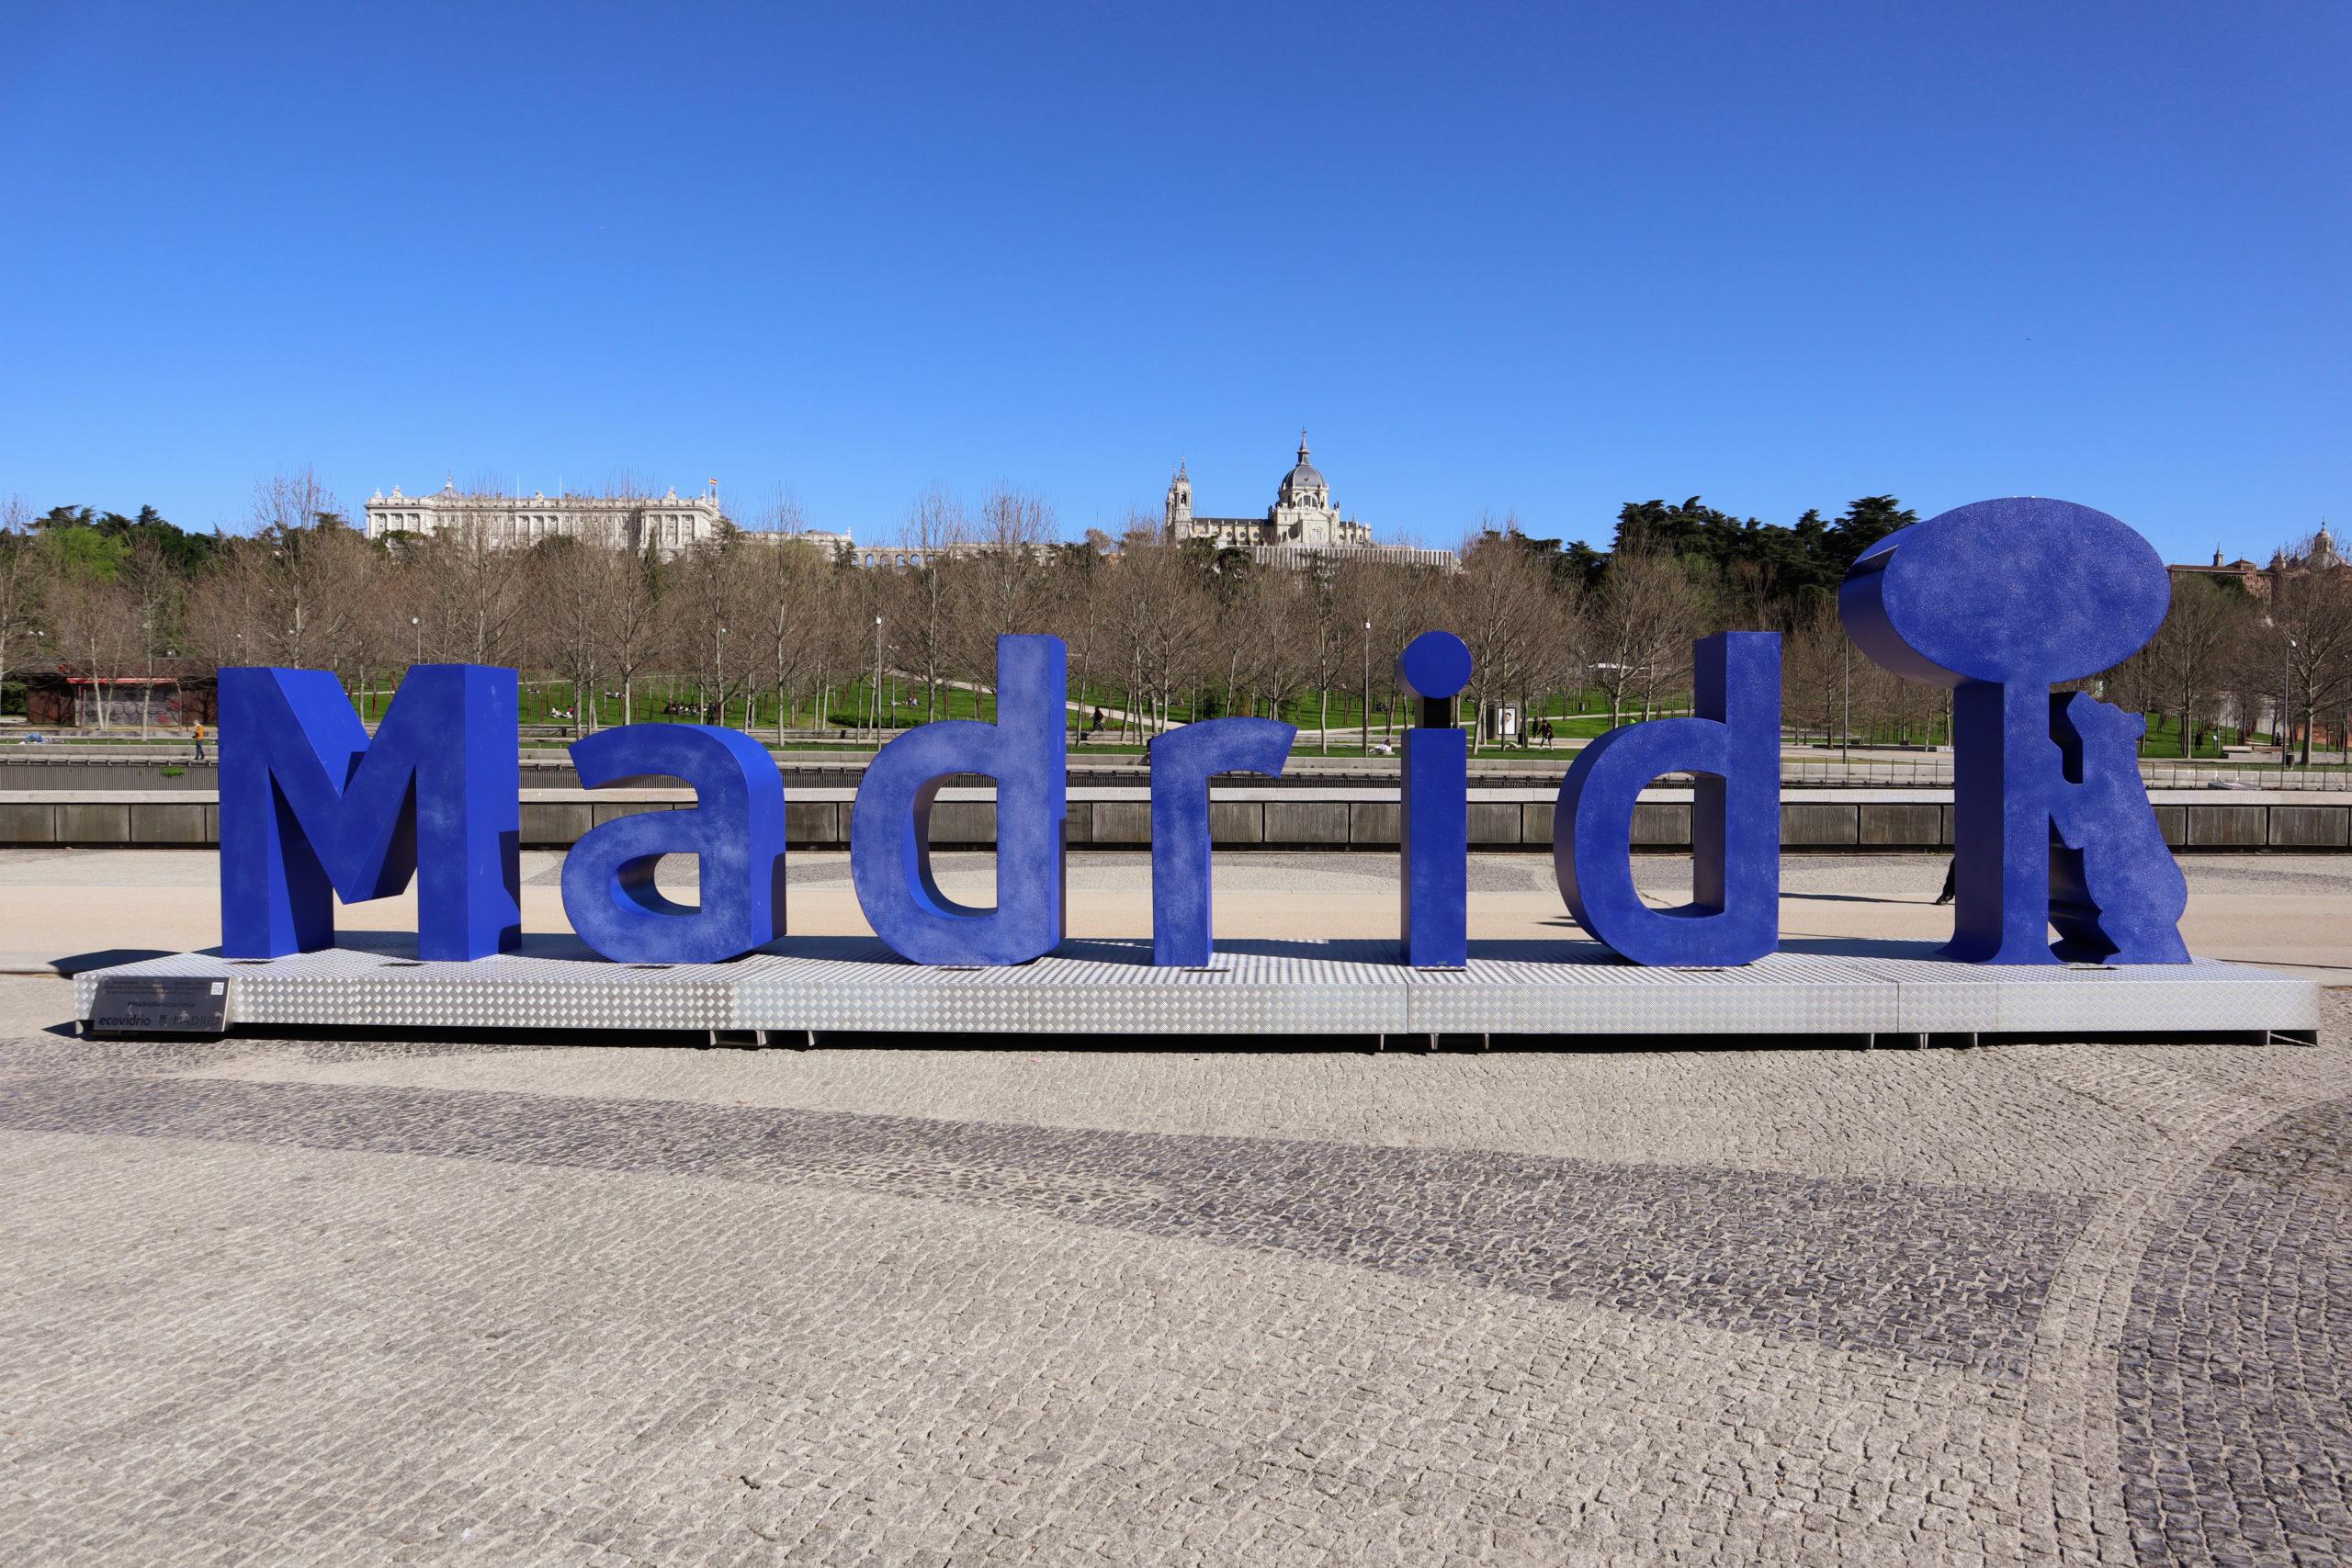 letras-Madrid-arbol-oso